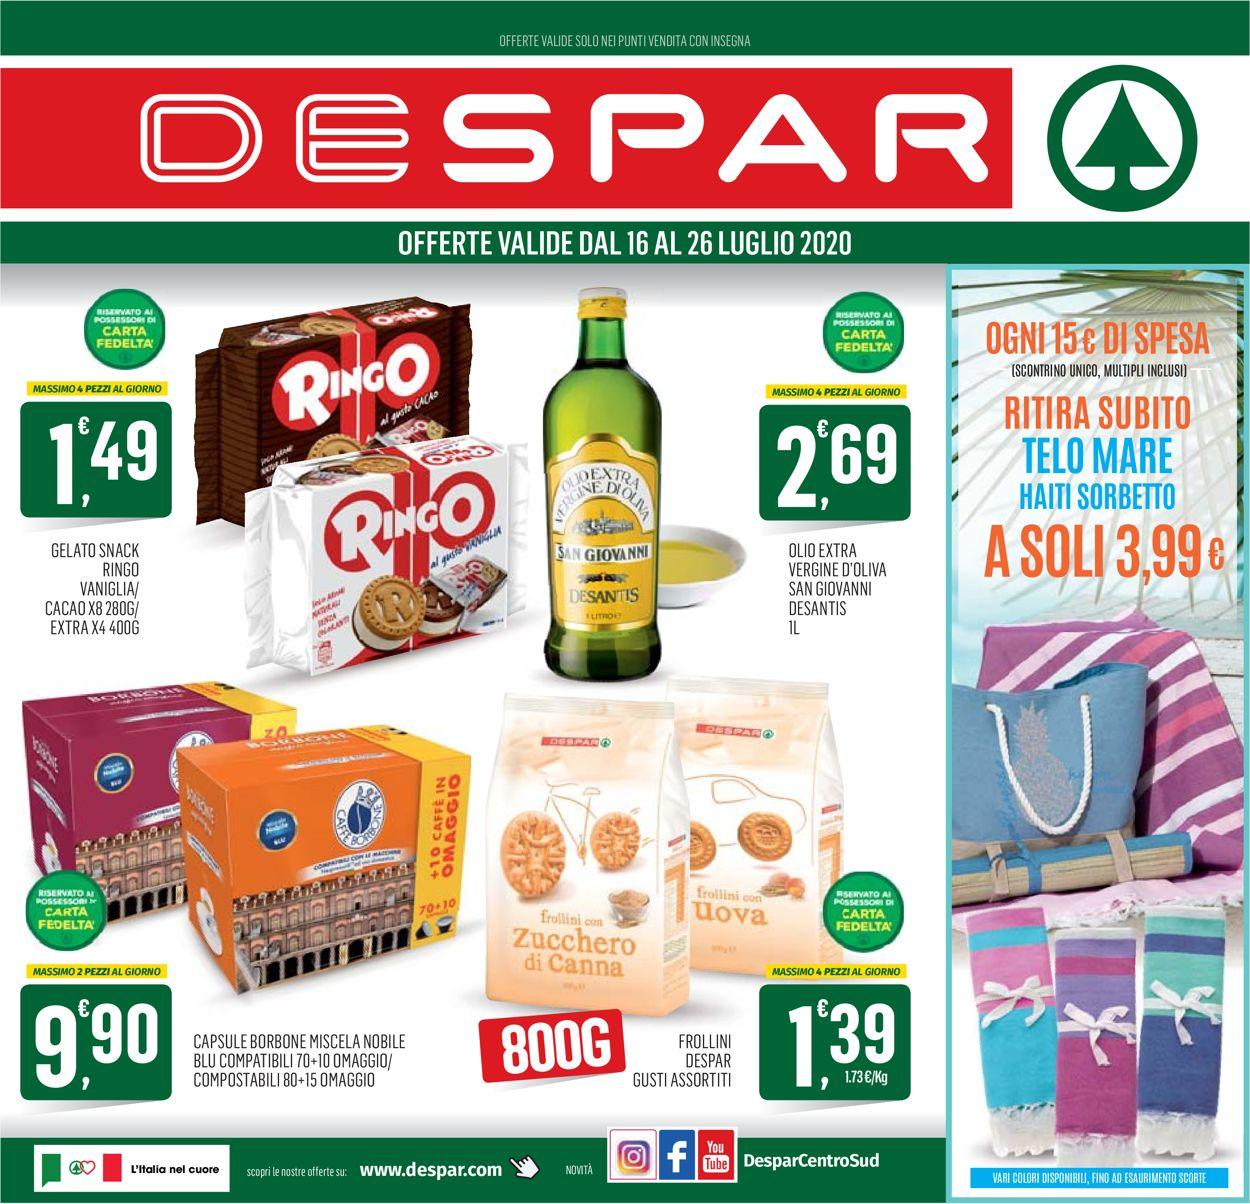 Volantino Despar - Offerte 16/07-26/07/2020